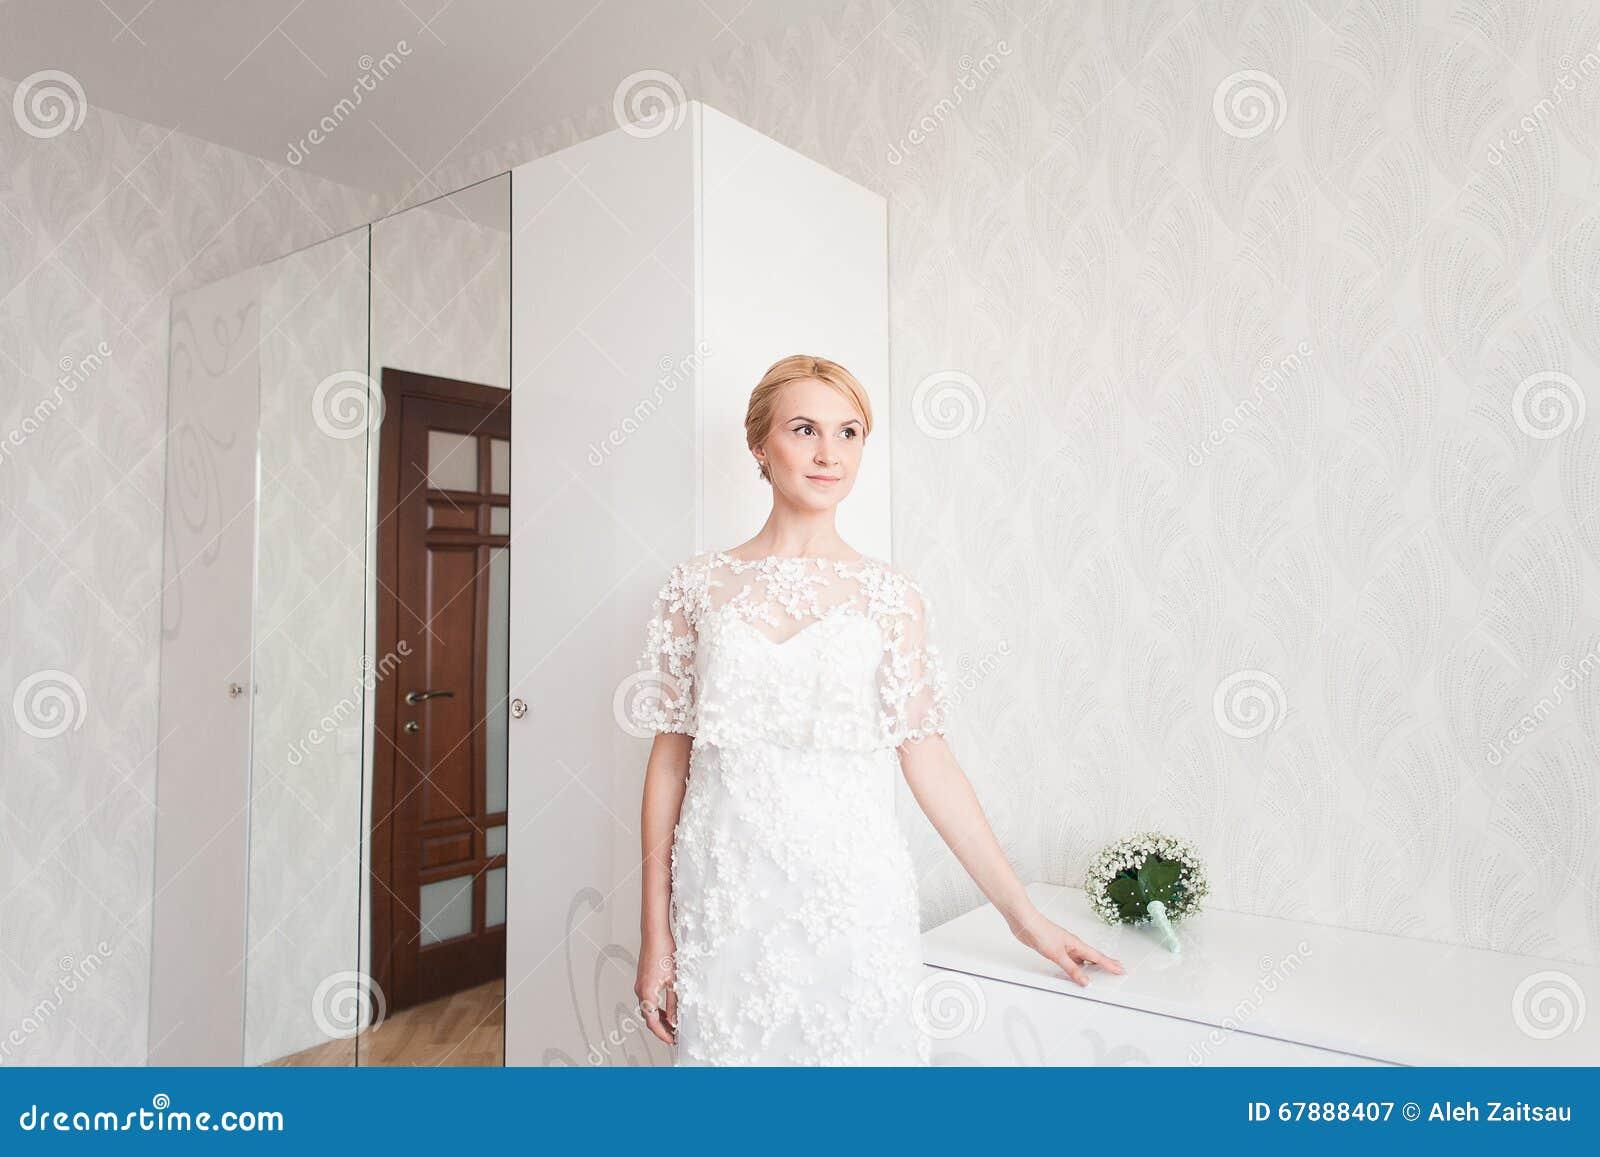 Großzügig Hochzeitskleider Mutter Des Bräutigams Fotos ...